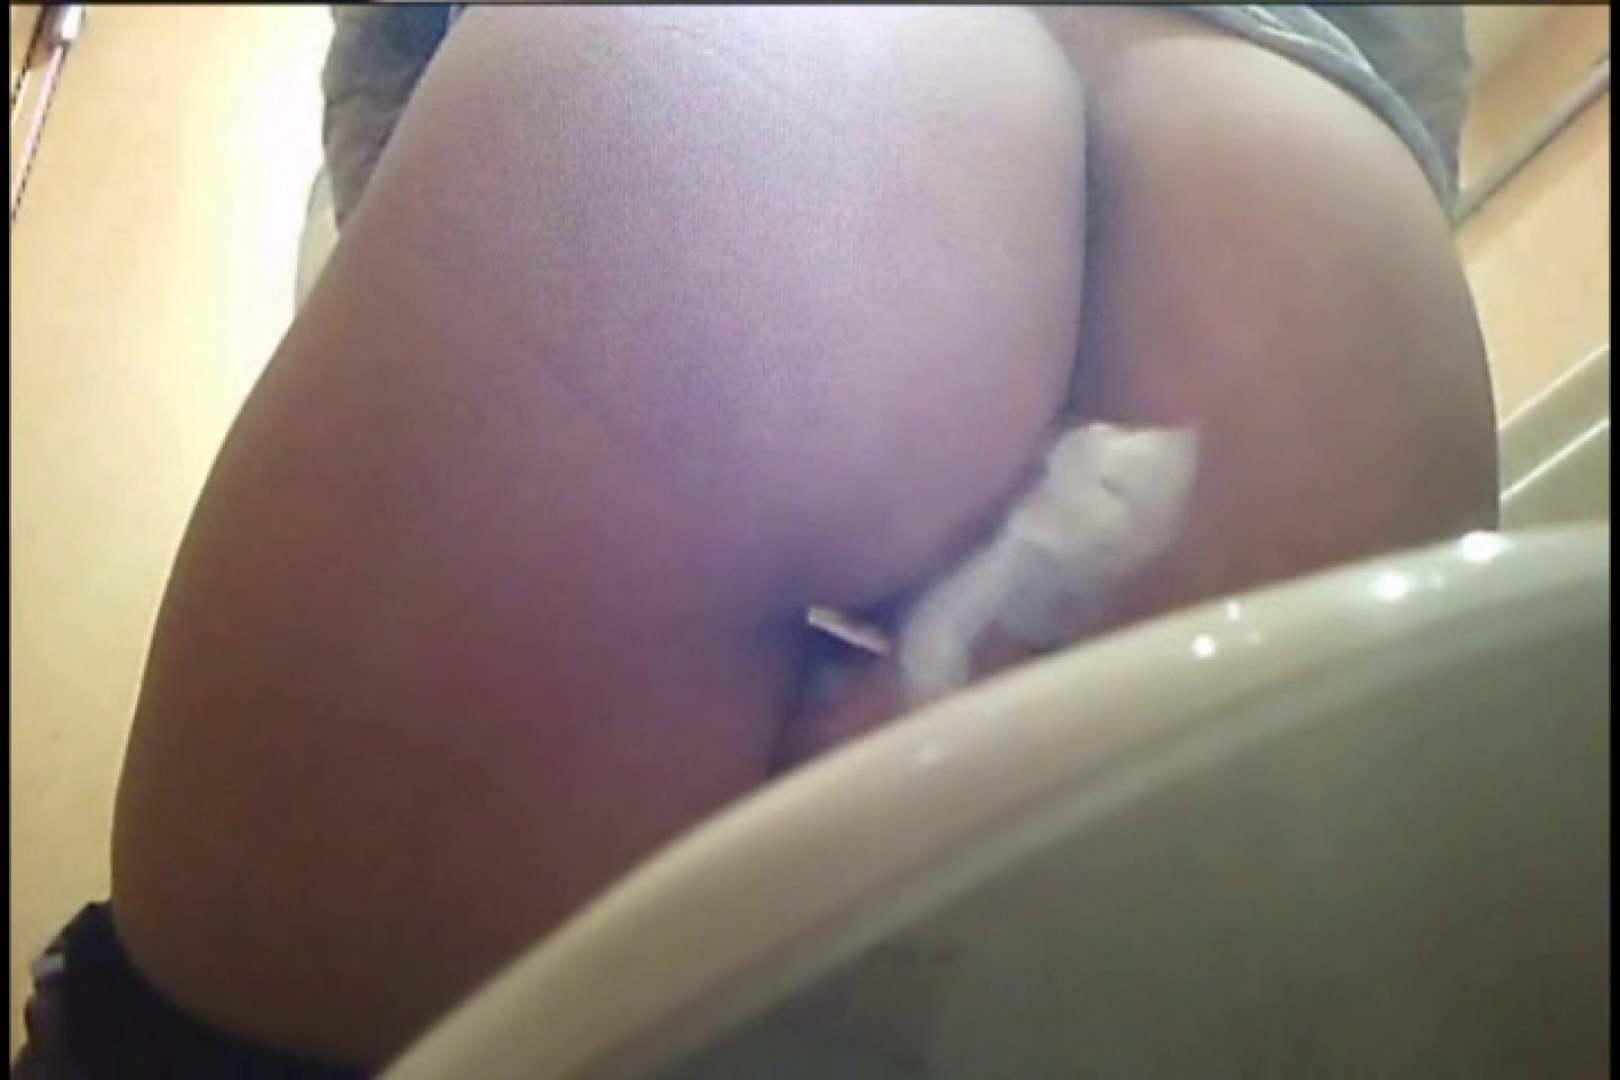 実録!熟女の用の足し方を覗く!! Vol.03 ナプキン エロ画像 101画像 11